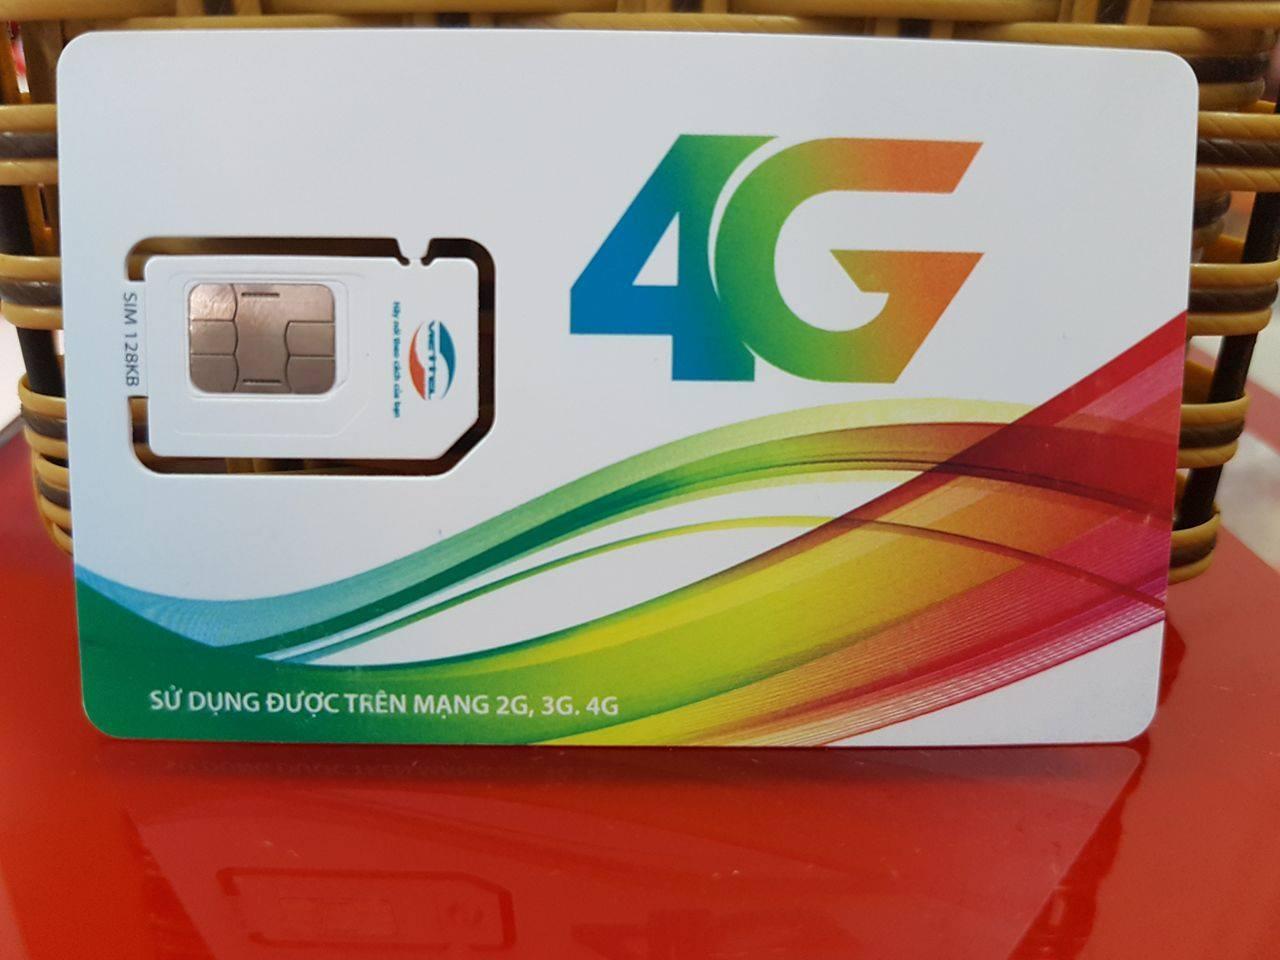 Giá Bán Sim 3G 4G Viettel V90 Km 60Gb Thang Gọi Miễn Gọi Nội Mạng 50 Phut Gọi Ngoại Mạng Mới